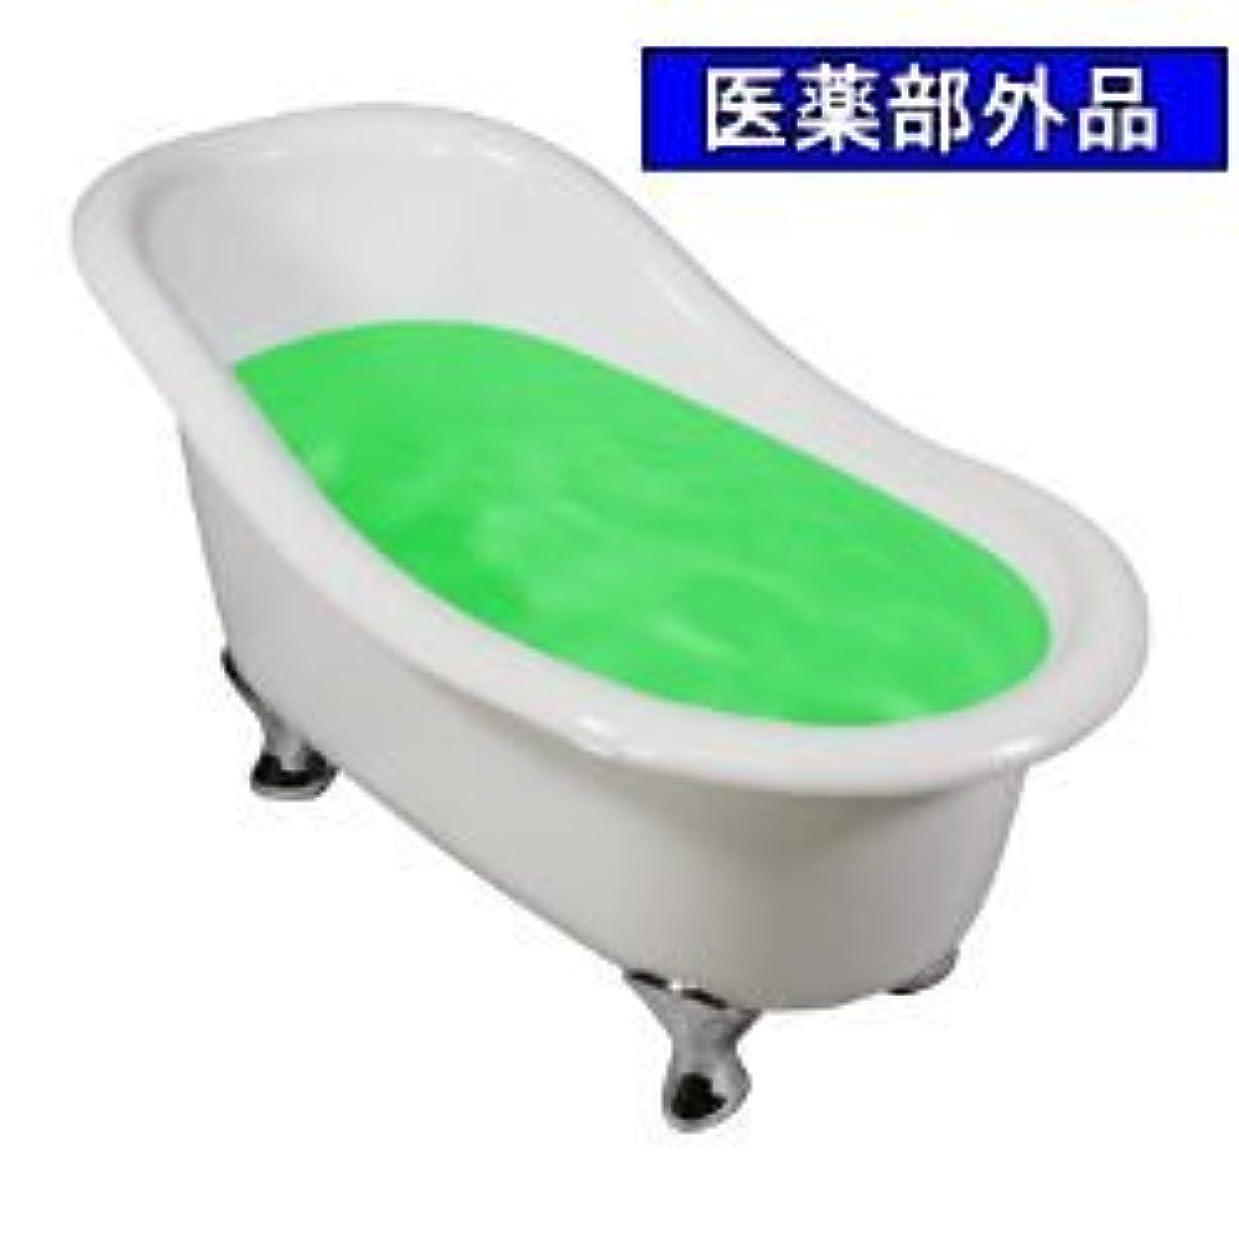 インフラ悪化させる教育する業務用薬用入浴剤バスフレンド 青リンゴ 17kg 医薬部外品